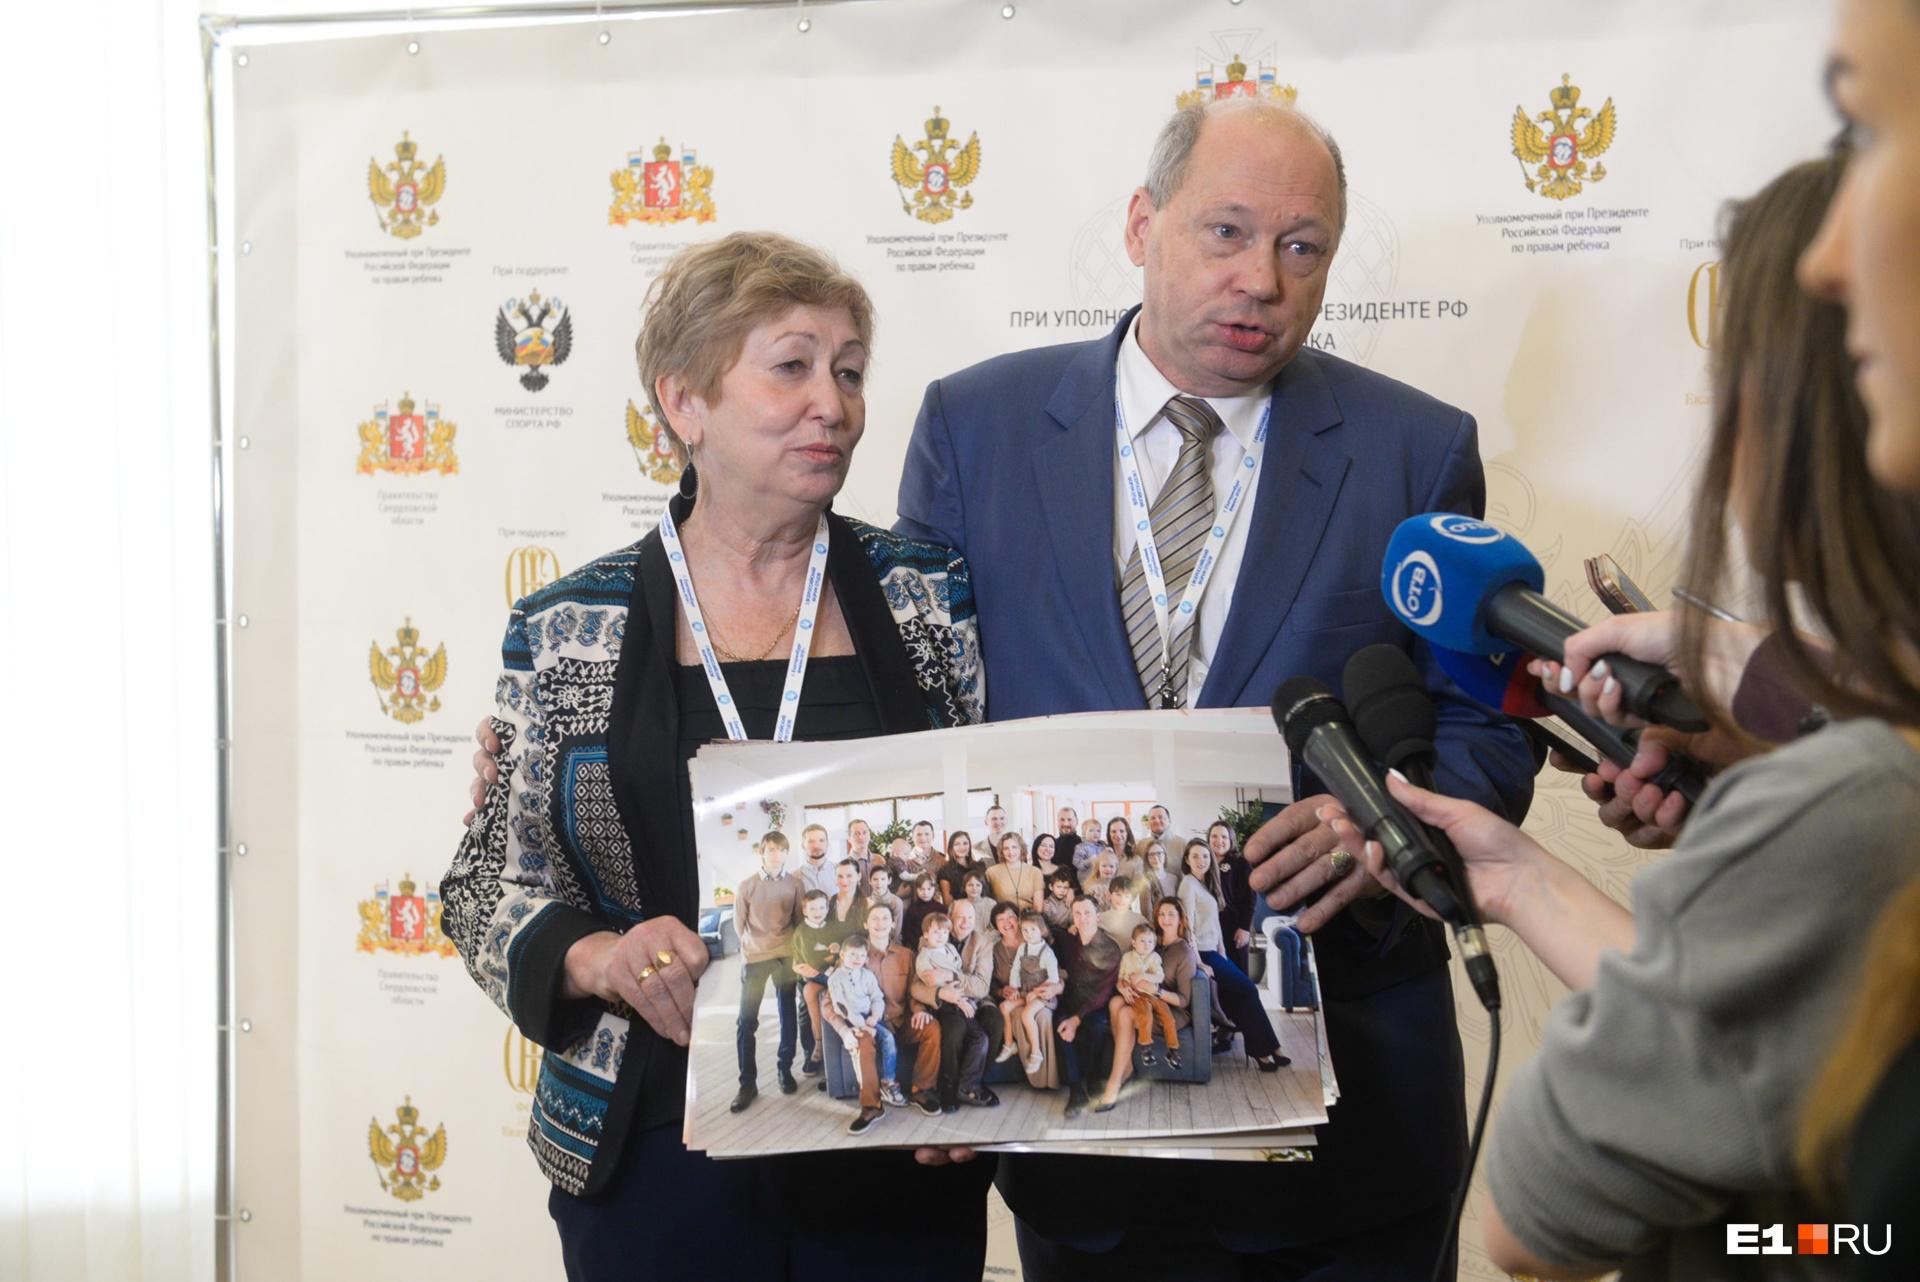 Елена и Юрий Мироновы вырастили десятерых детей, а теперь учат других грамотно составлять родословные